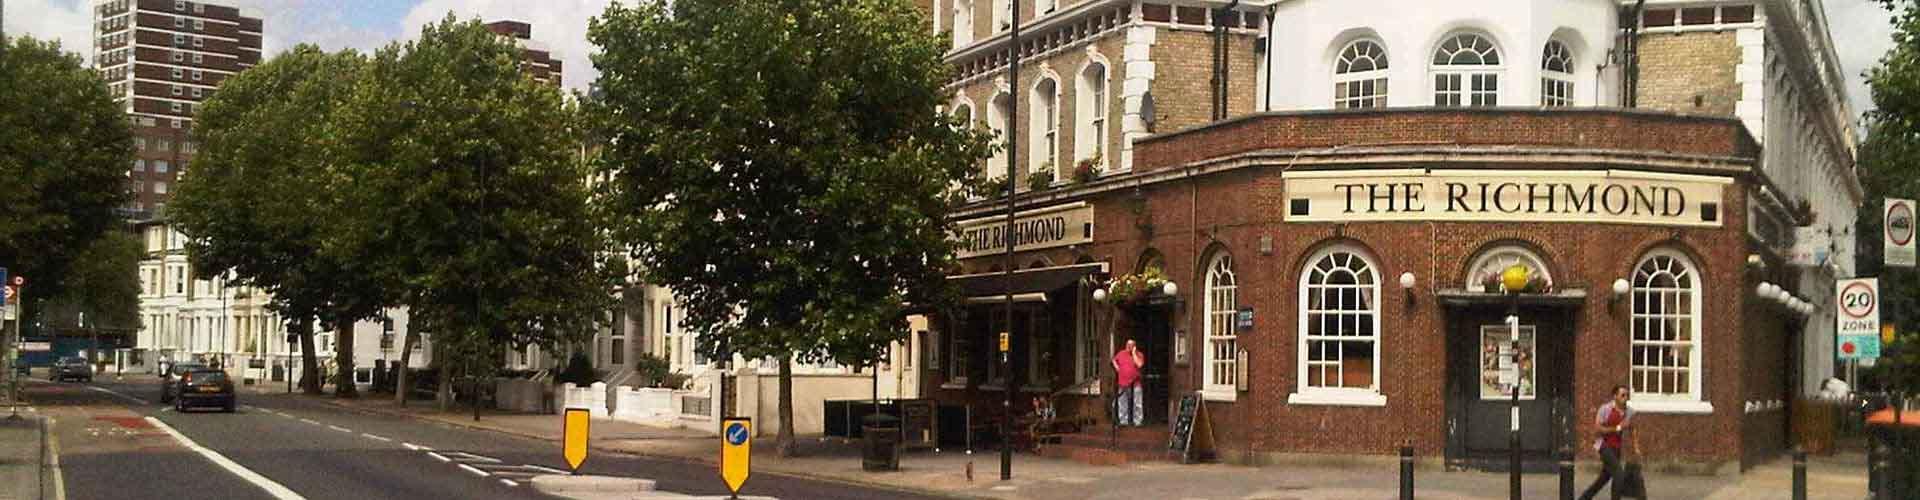 런던 - Borough of Hammersmith and Fulham지역에 위치한 아파트. 런던의 지도, 런던에 위치한 아파트에 대한 사진 및 리뷰.